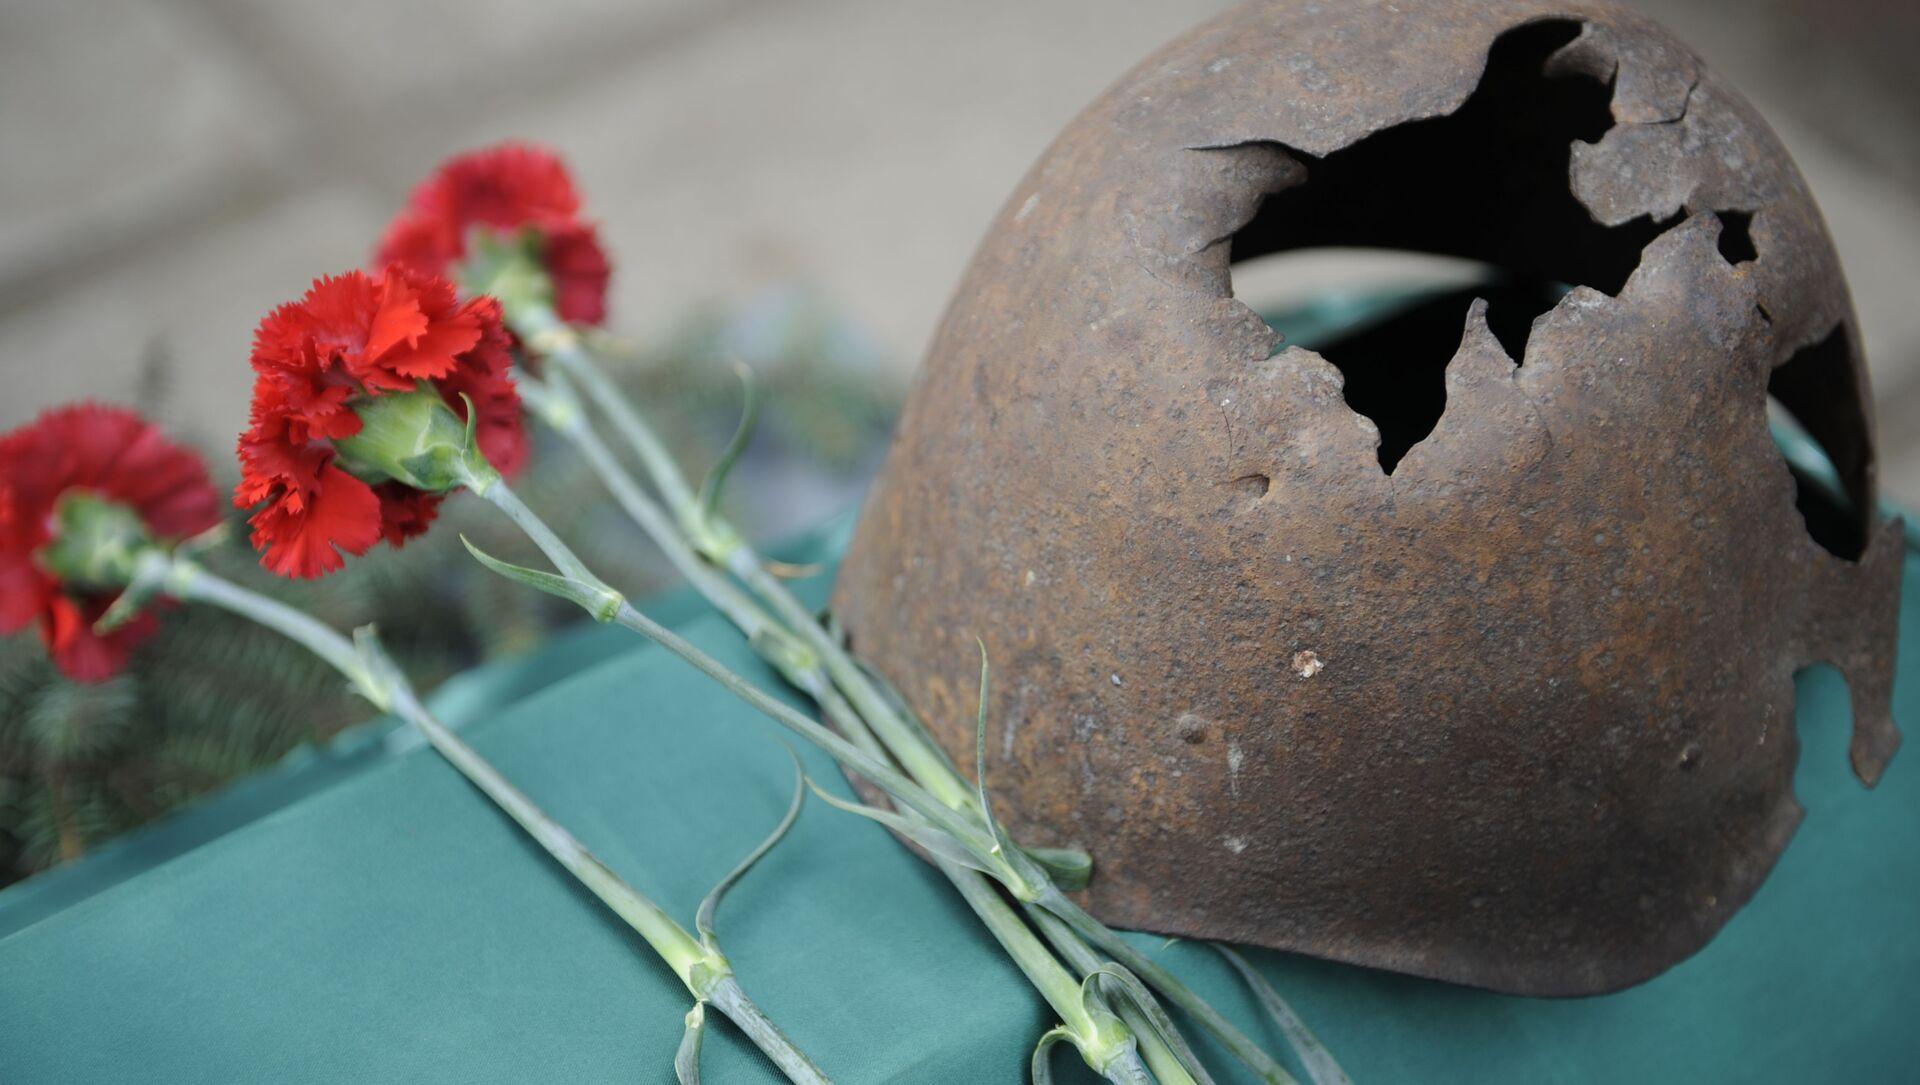 Передача РФ останков военнослужащего, погибшего в 1943 году в ходе боев за Славянск - Sputnik Аҧсны, 1920, 30.04.2021